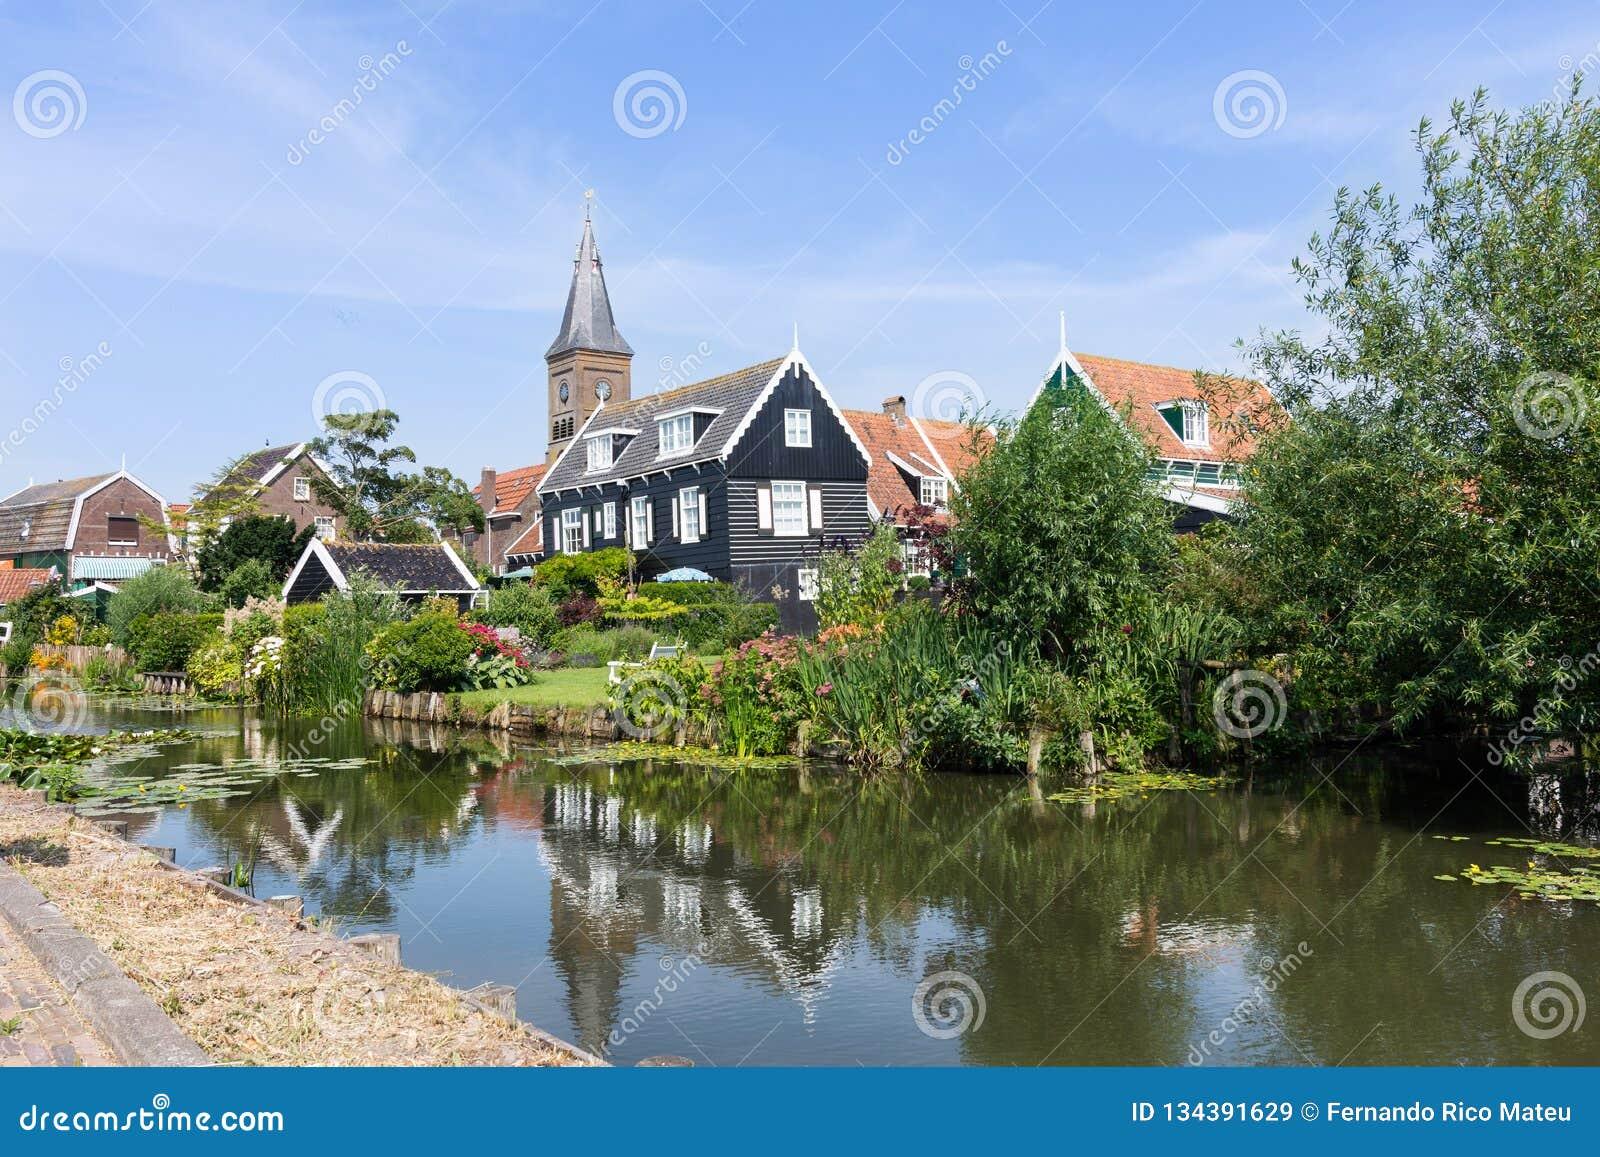 房子和一条运河全景在hisotric城市伊顿干酪,荷兰